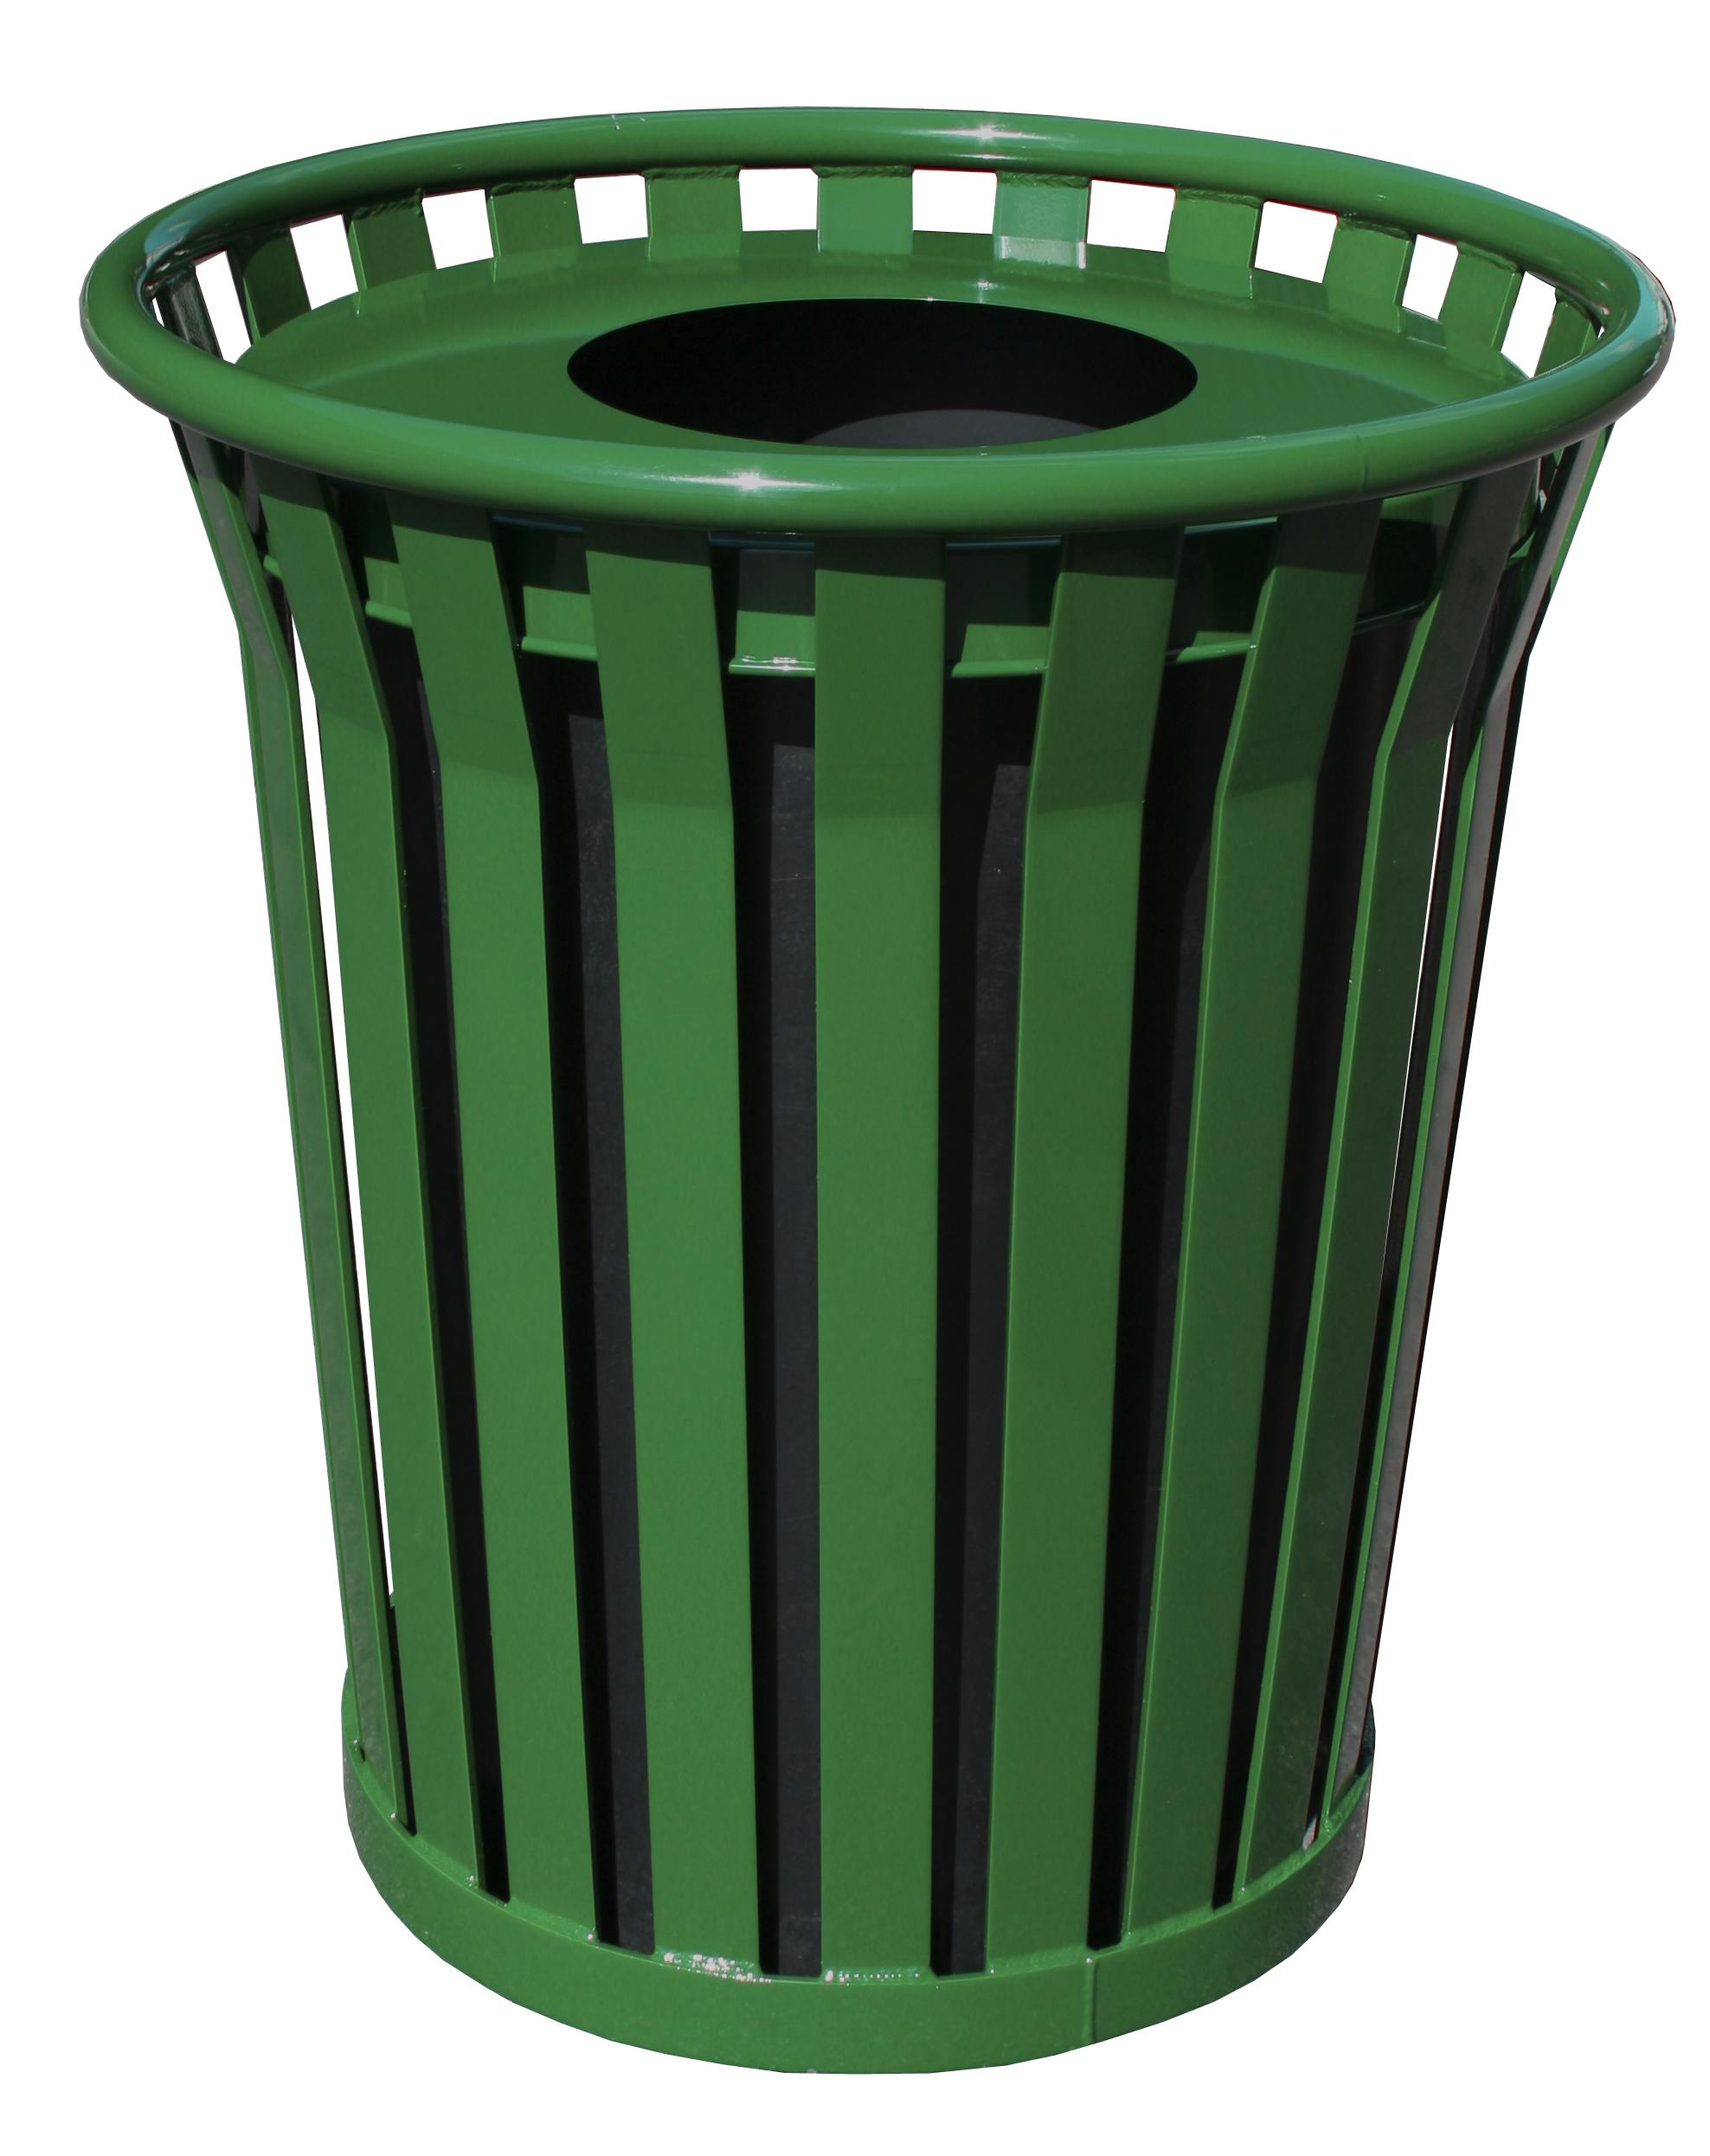 Outdoor trash receptacle, Outdoor